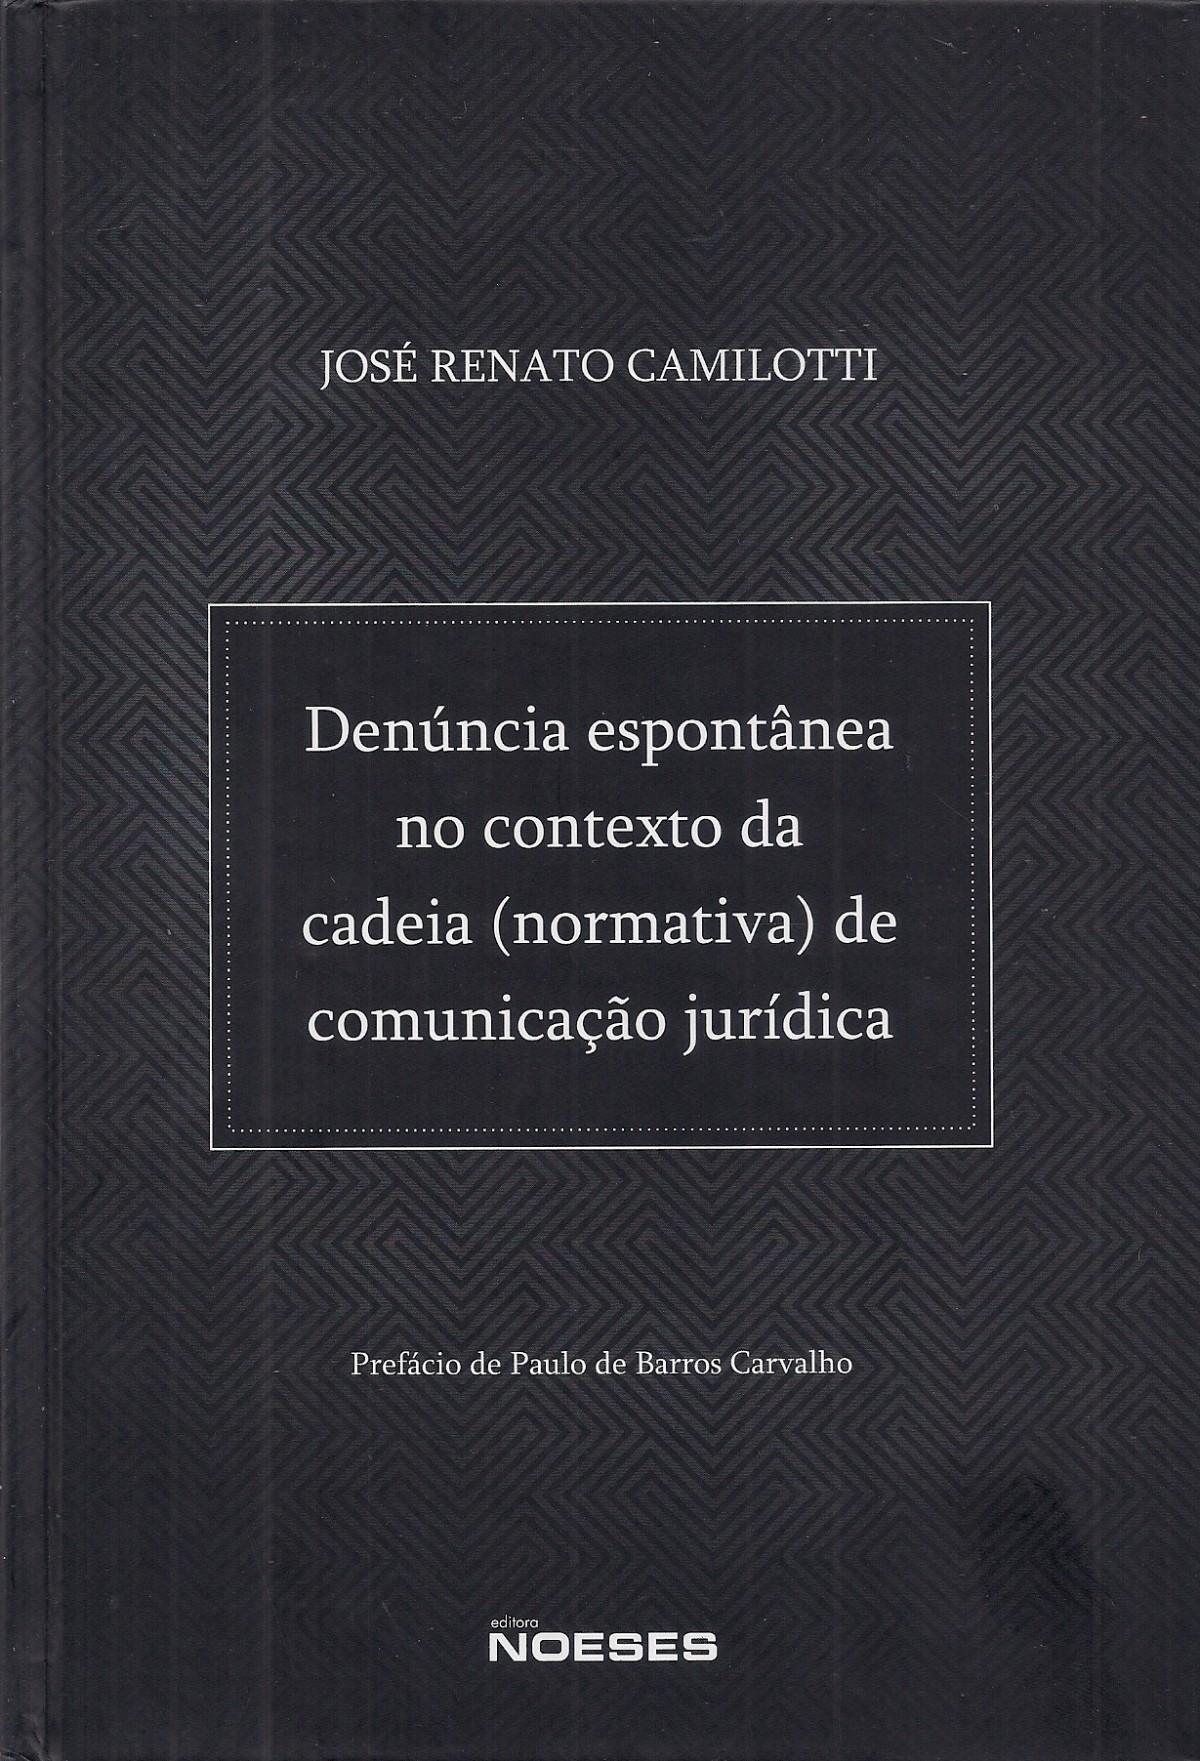 Foto 1 - Denúncia Espontânea no Contexto da Cadeia (Normativa) de Comunicação Jurídica